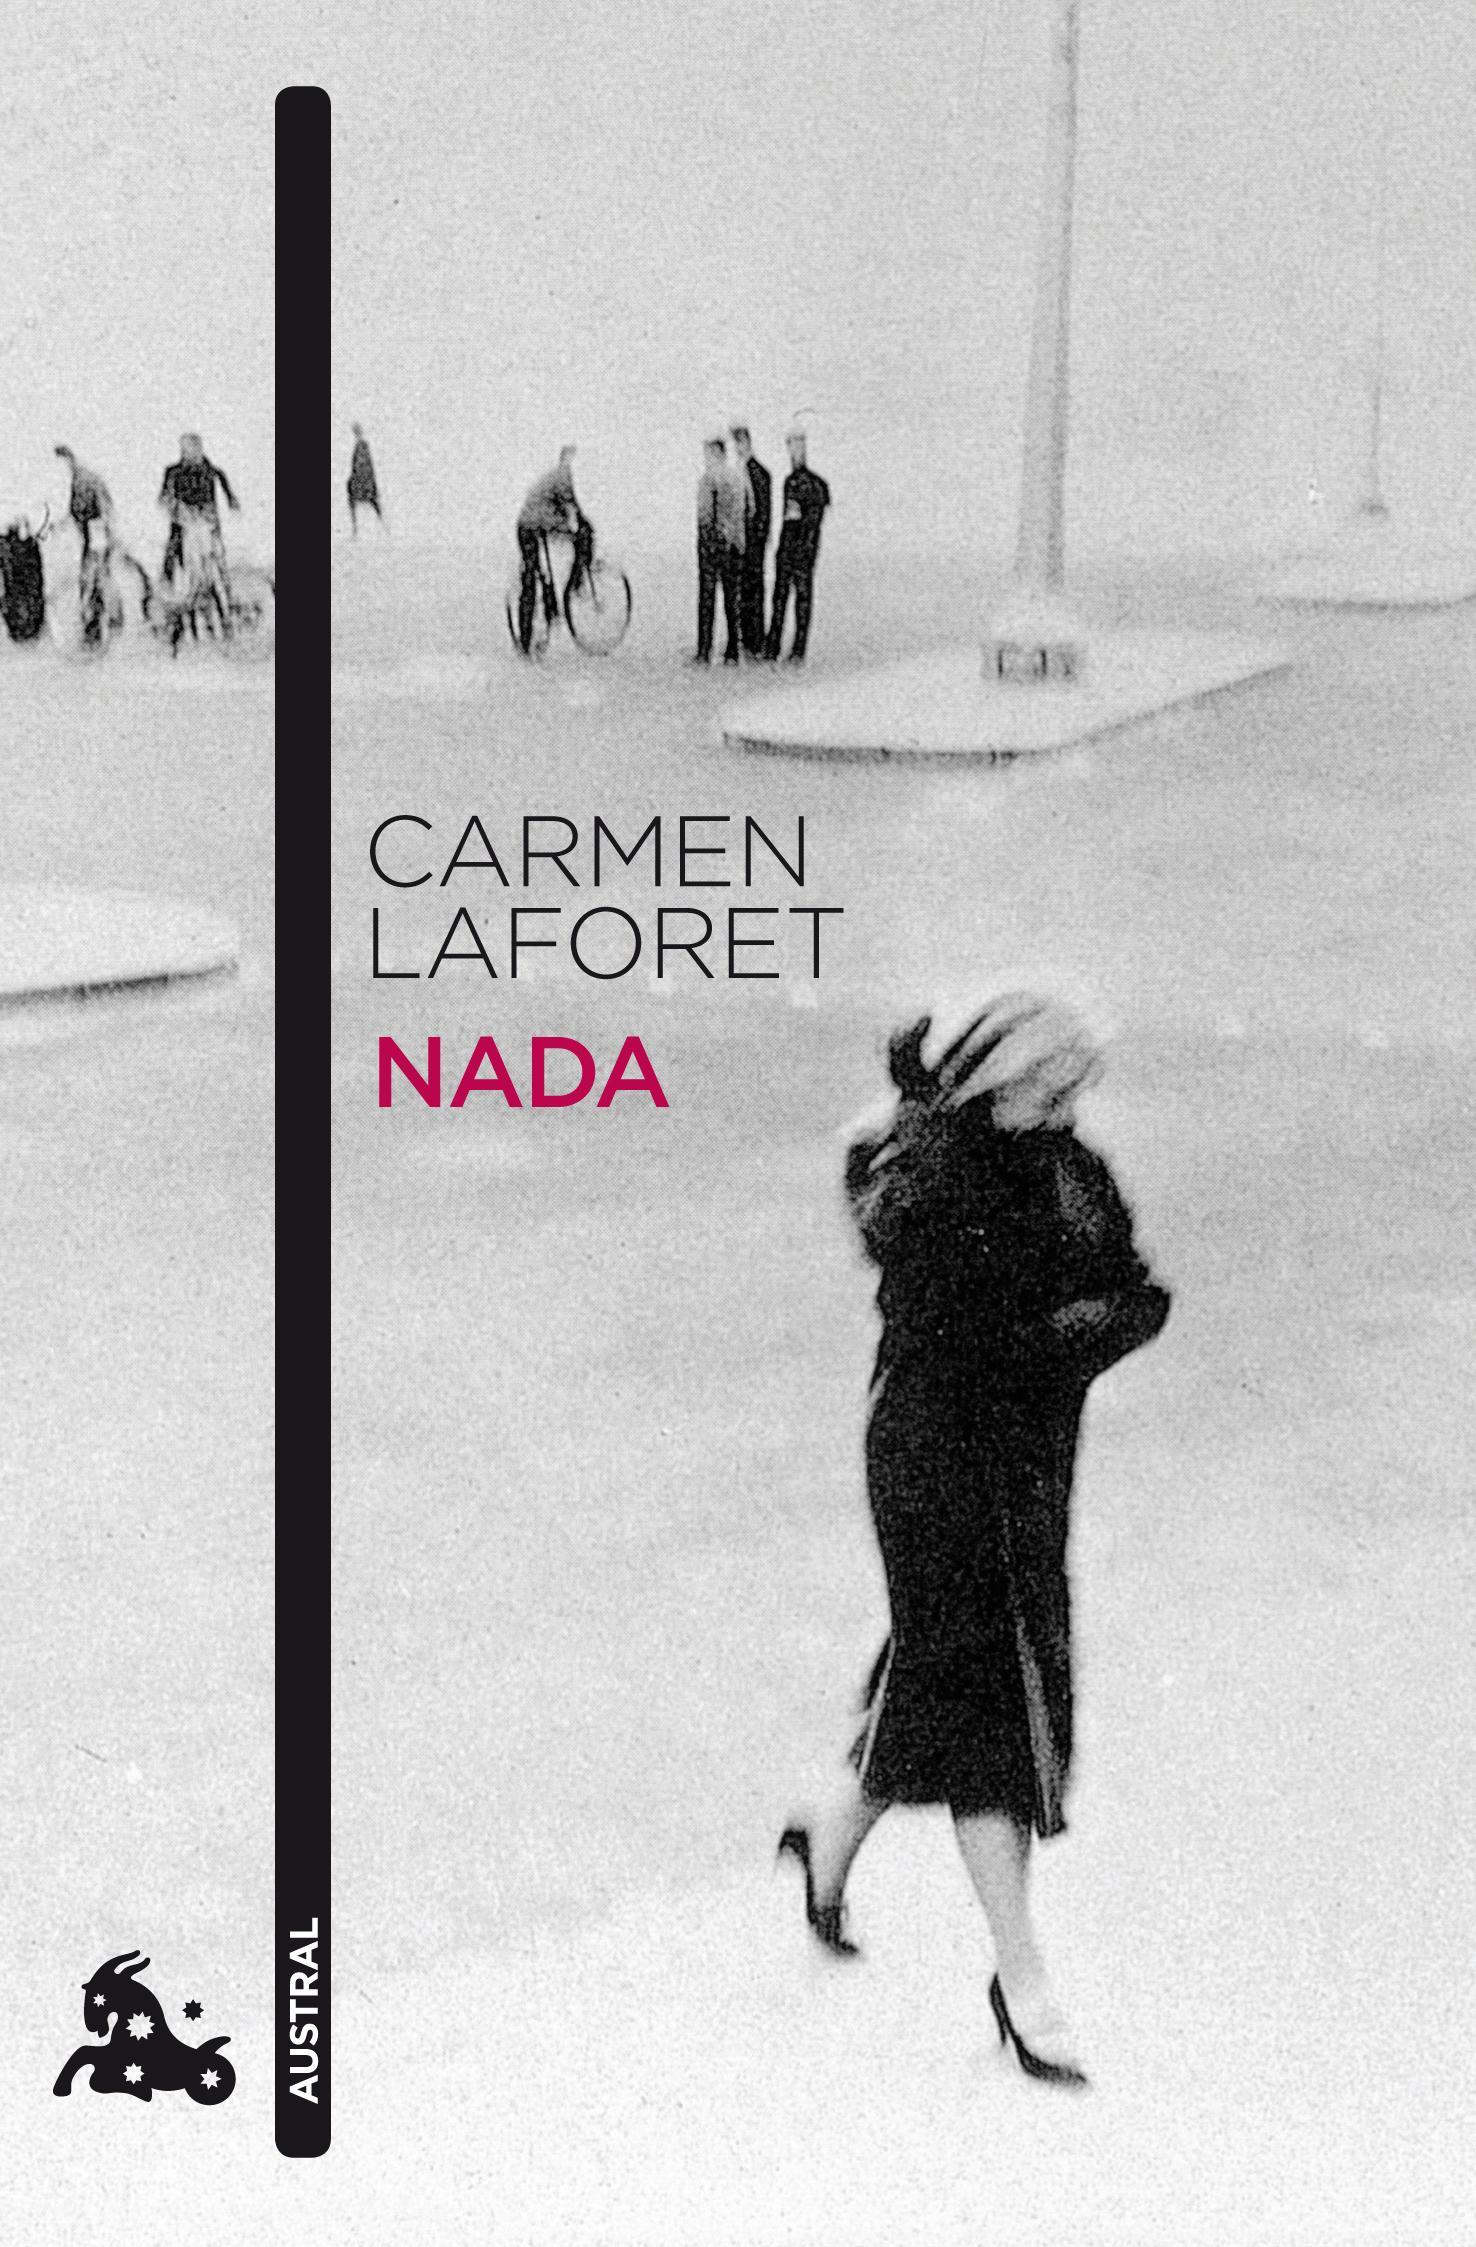 Lectura Nada, de Carmen Laforet